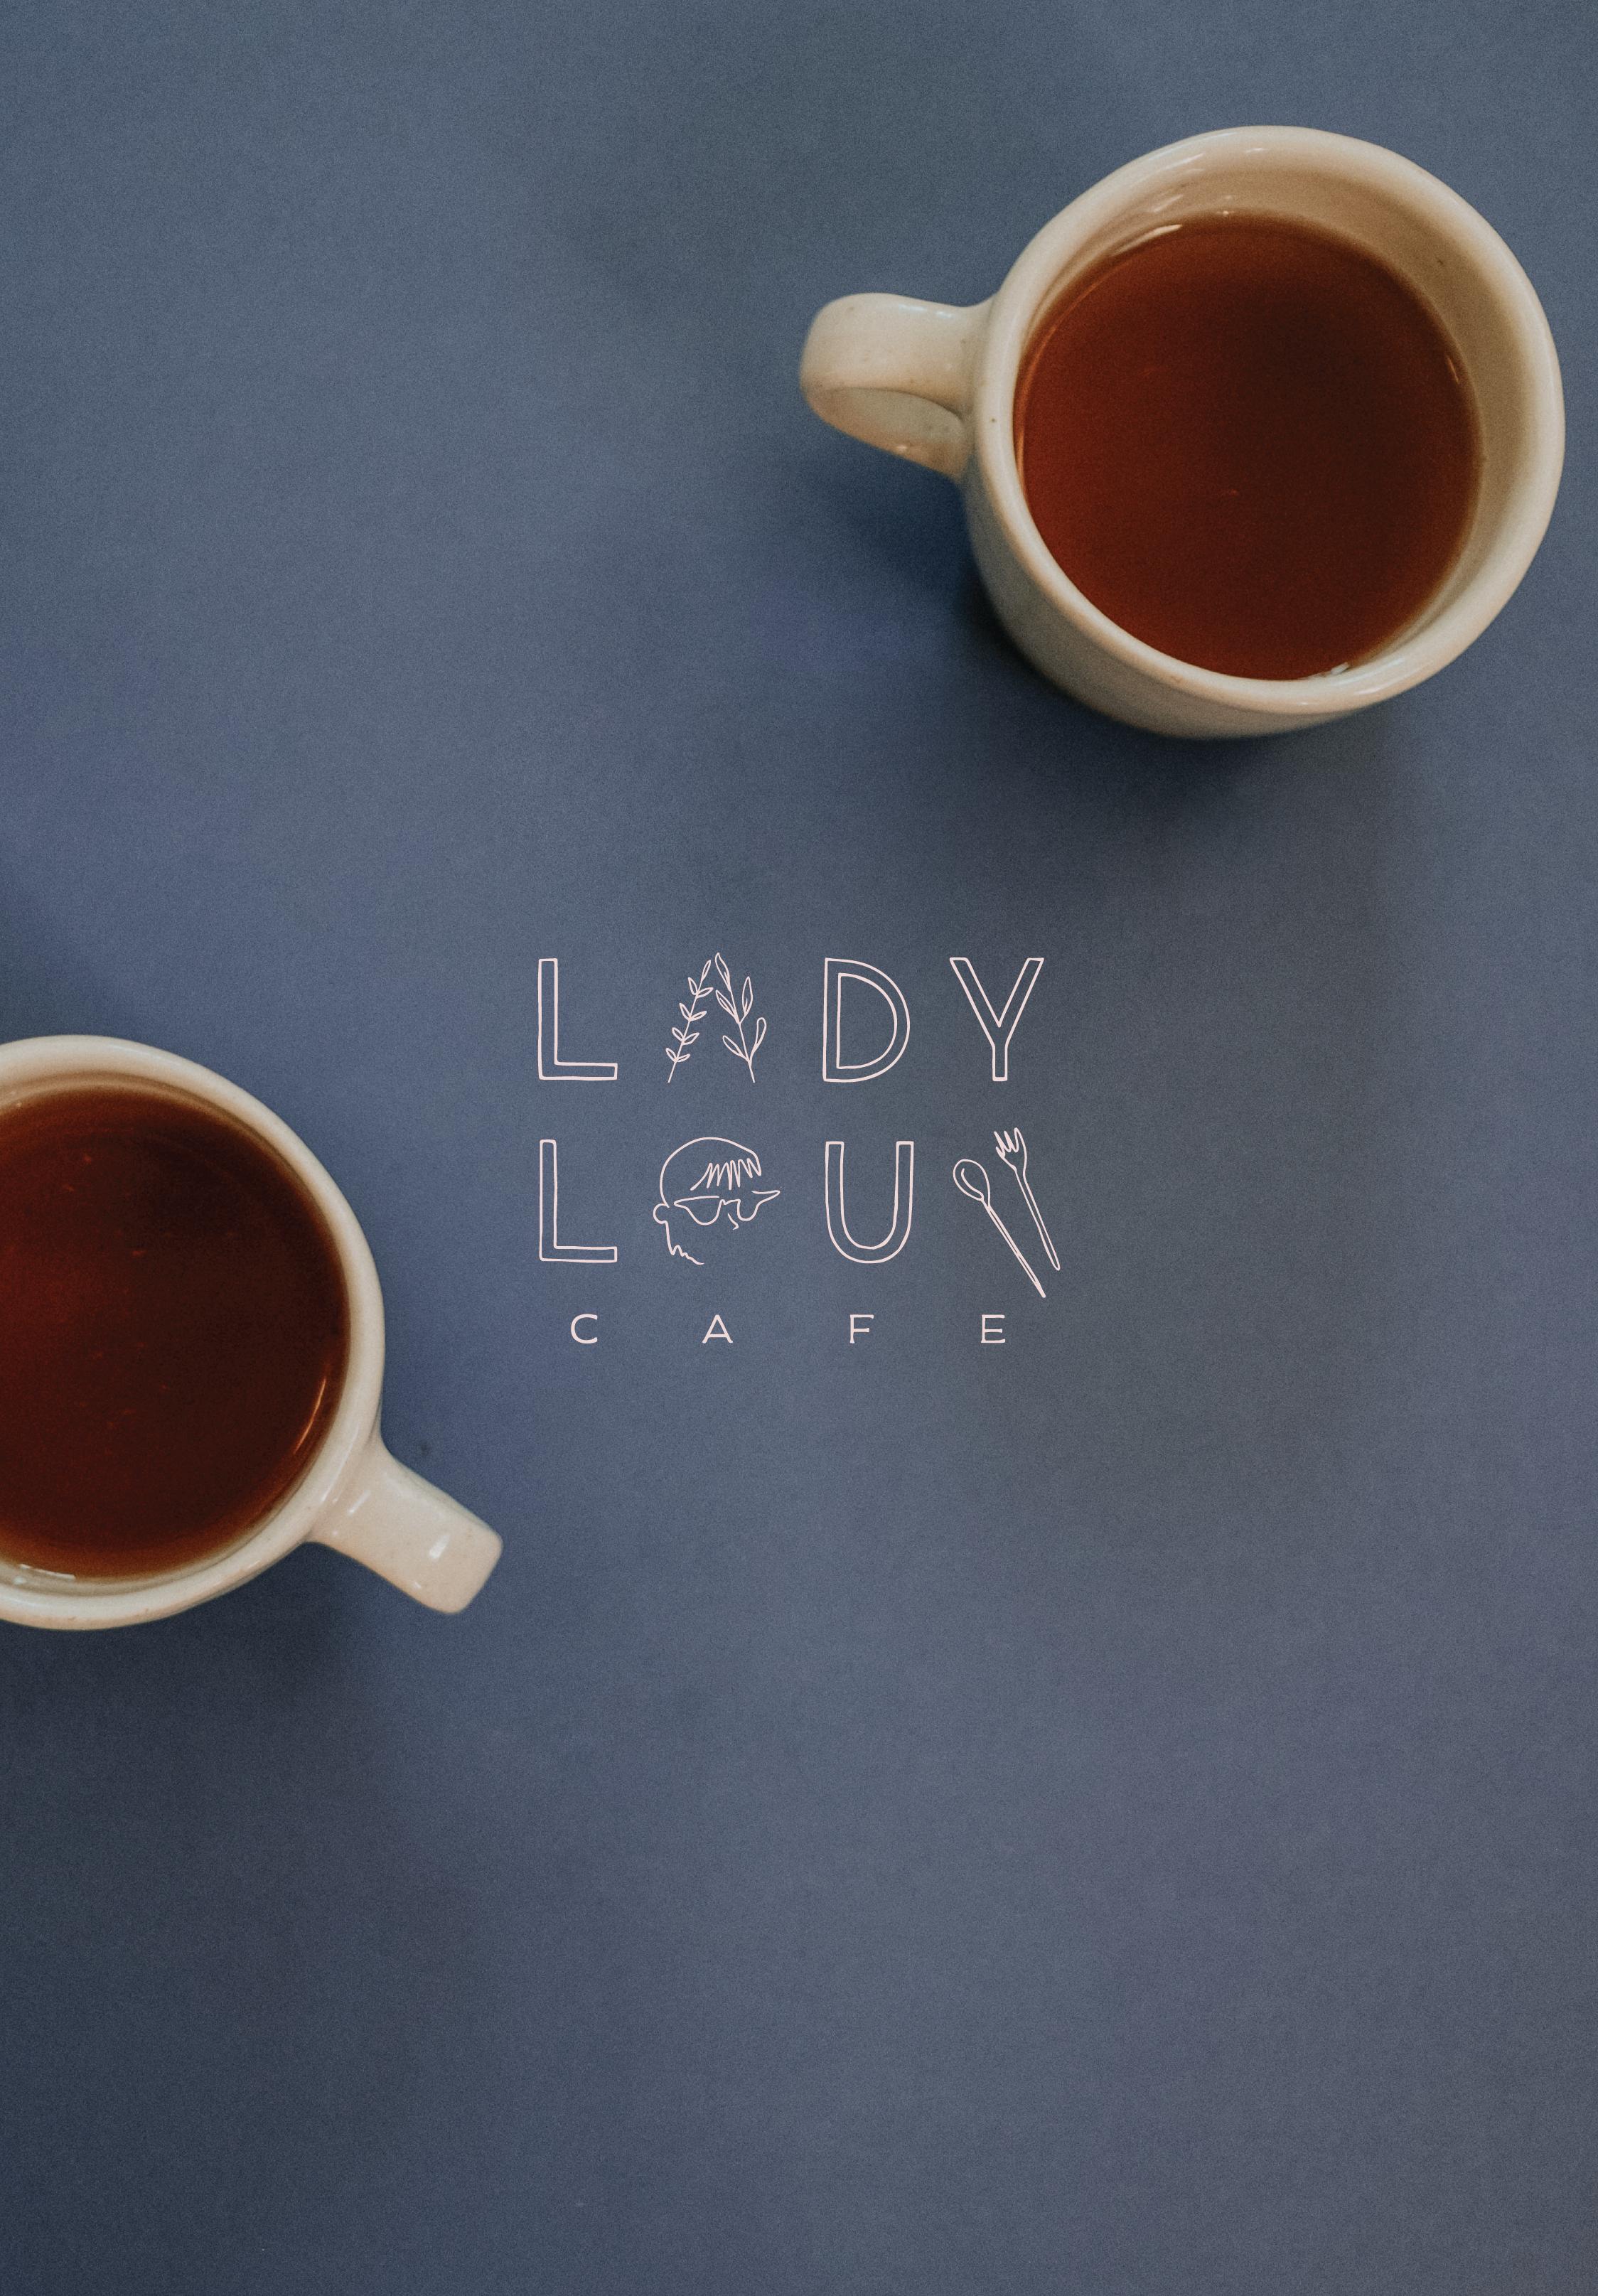 lady lou branding by chez nunez